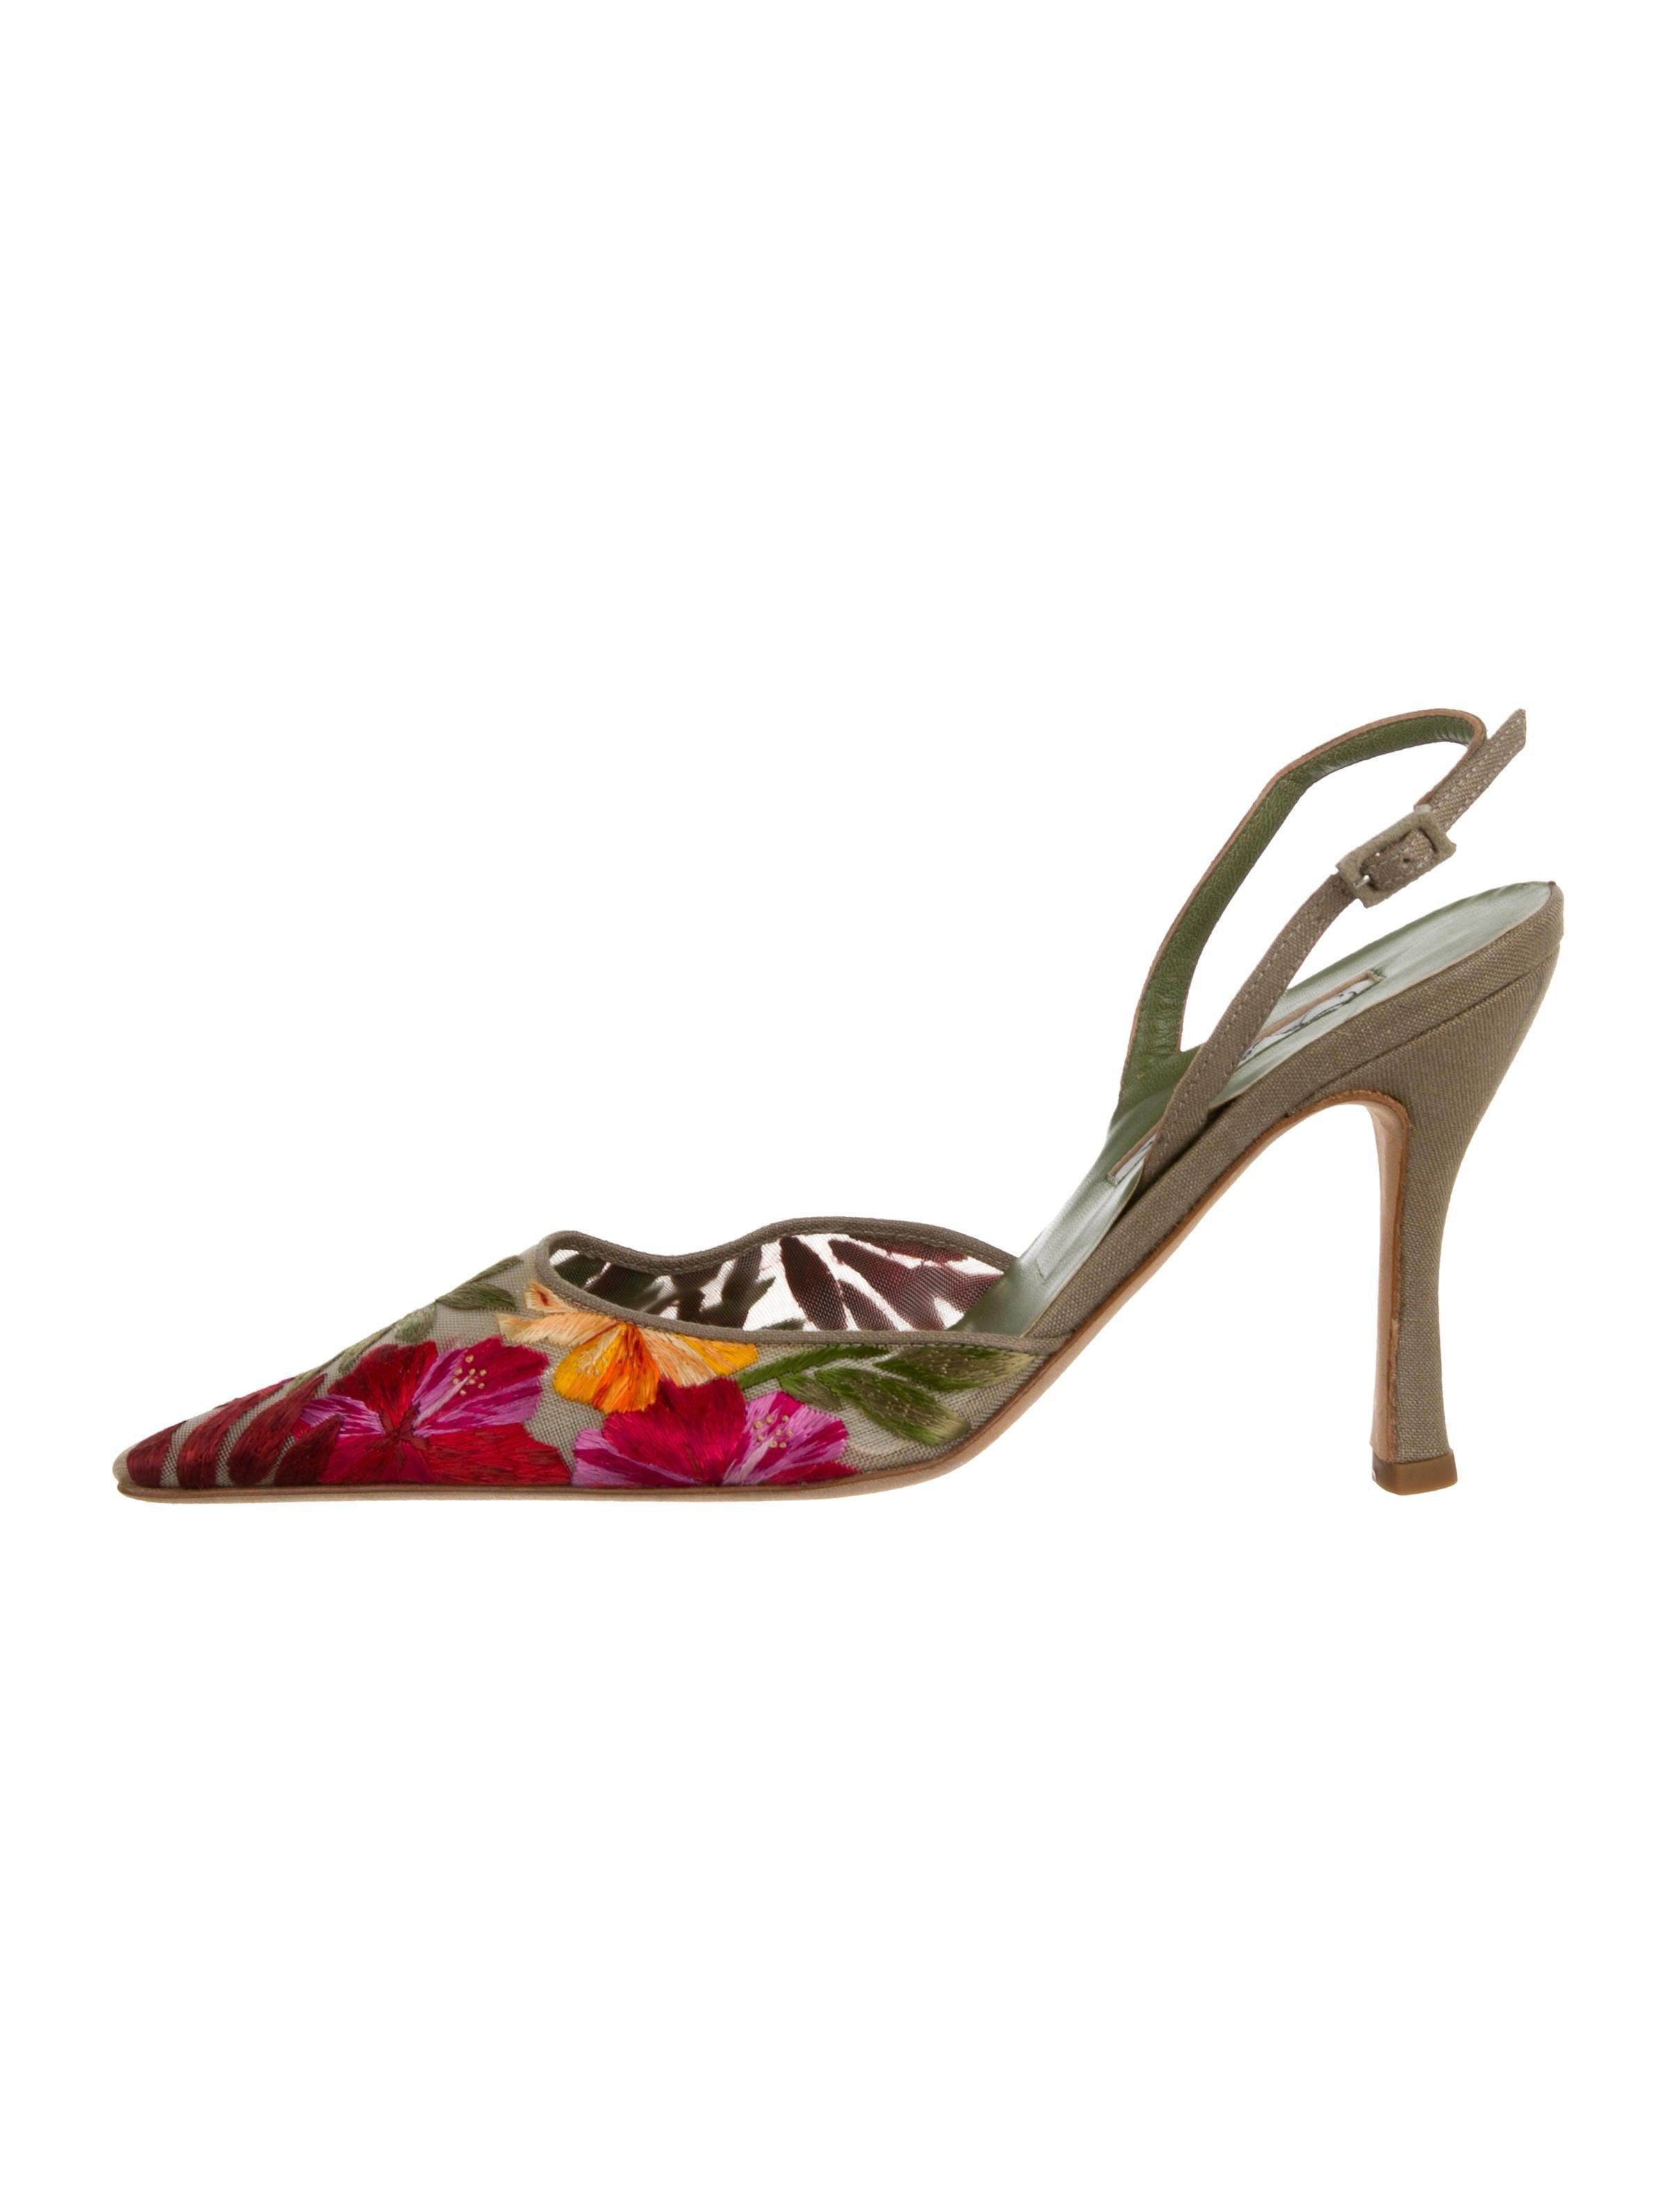 d5a541710ee5 Oscar de la Renta Embroidered Slingback Pumps - Shoes - OSC89401 ...